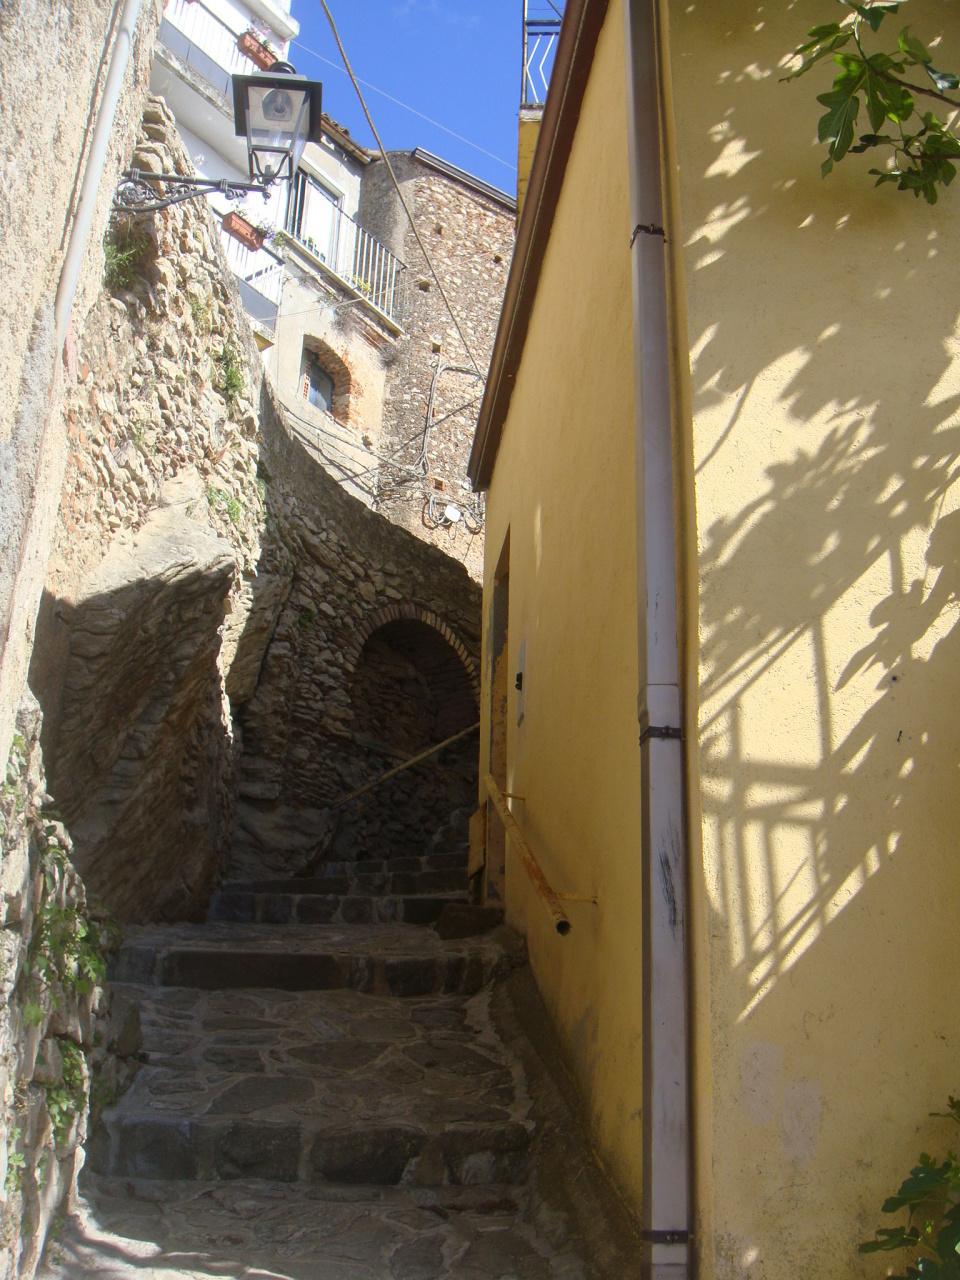 Appartamento in vendita a Bova, 2 locali, prezzo € 25.000 | Cambio Casa.it